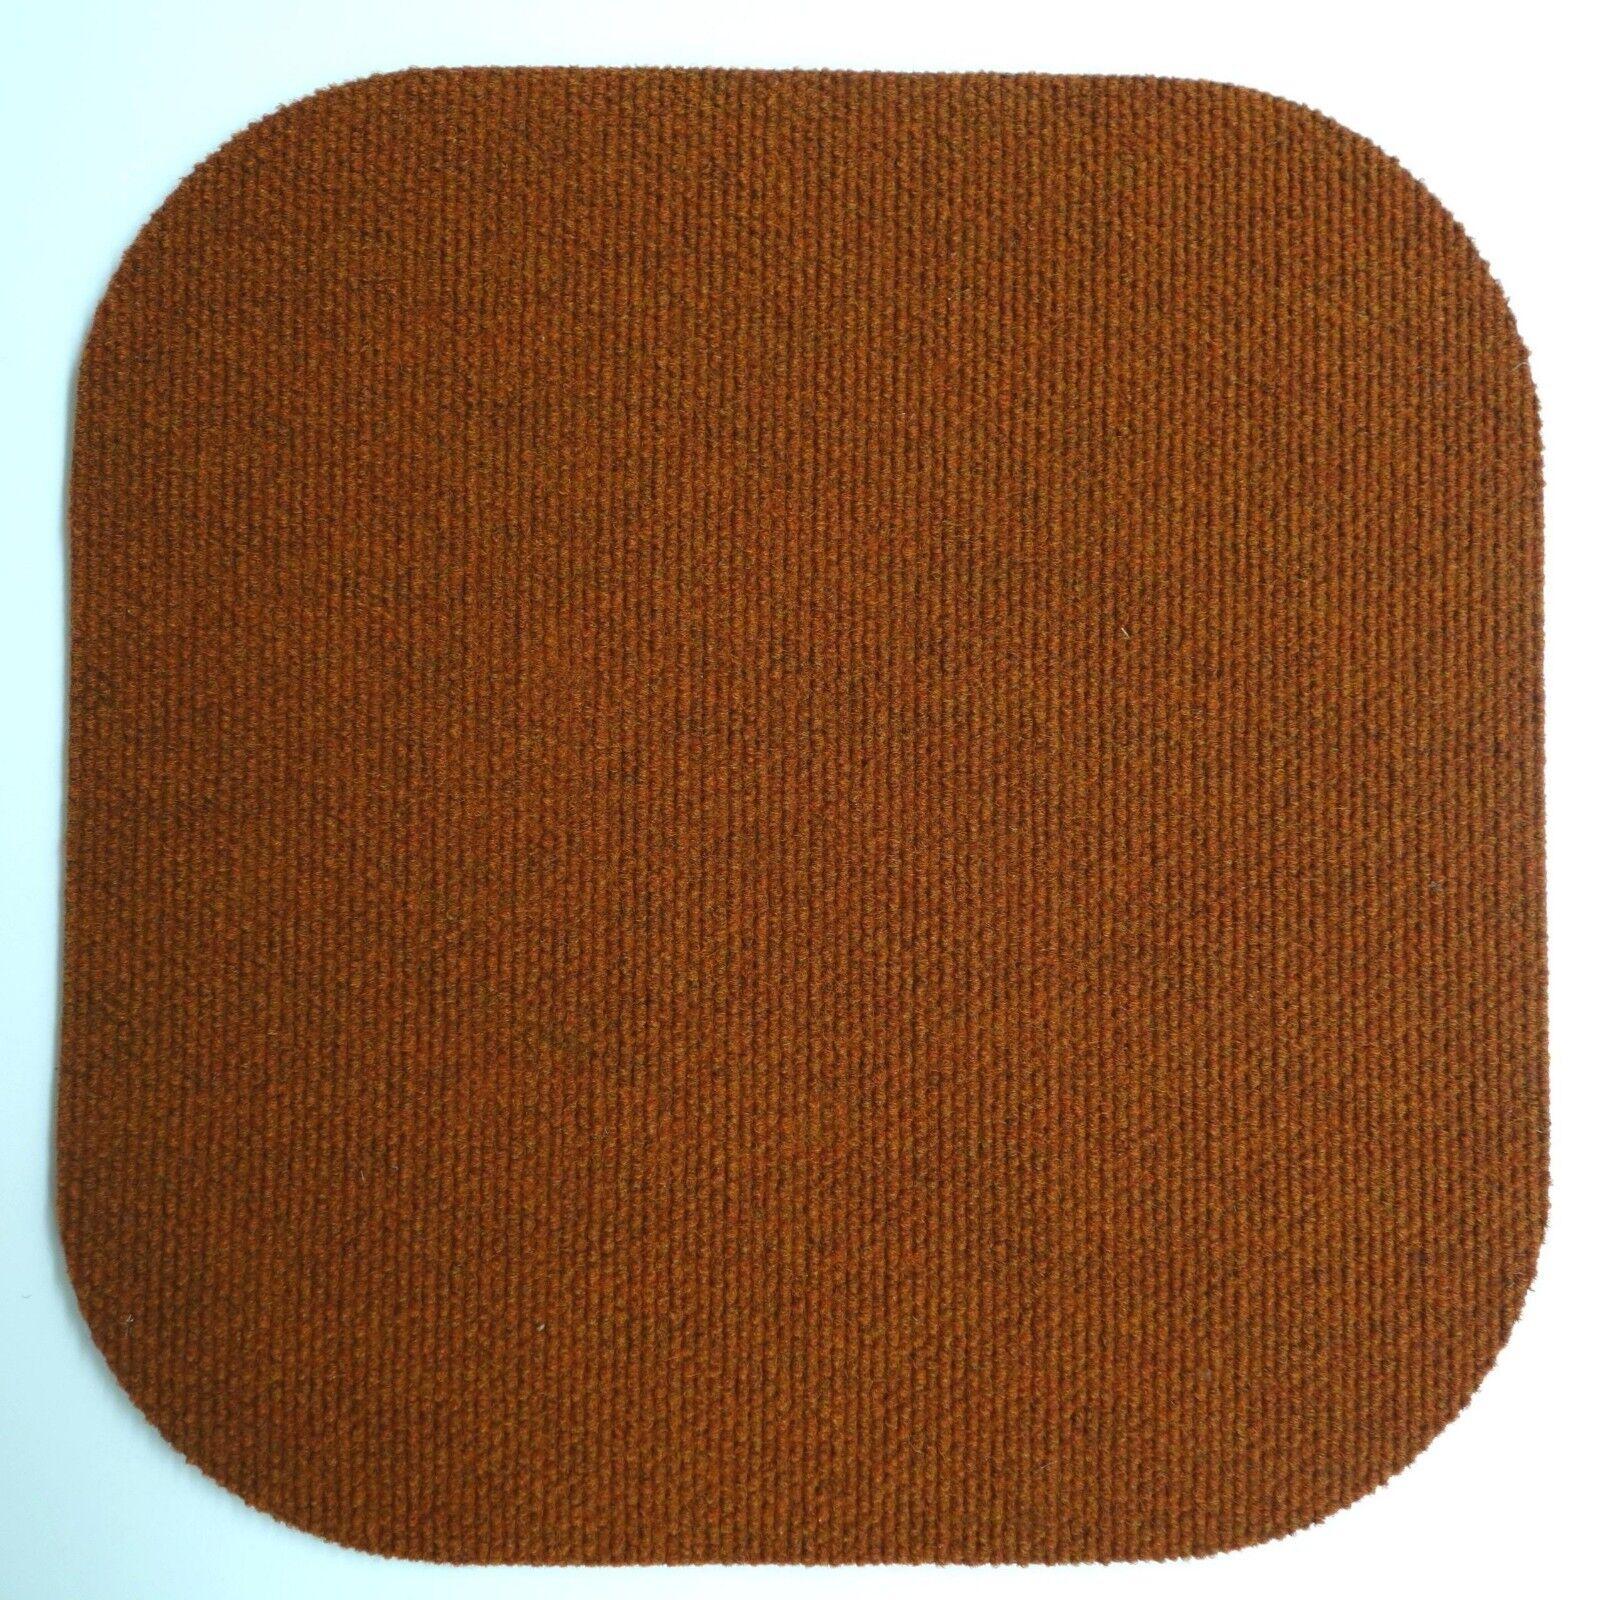 Teppichpolster 39x39 cm NEU Stuhlkissen aus Teppich Stuhlauflage Sitzkissen